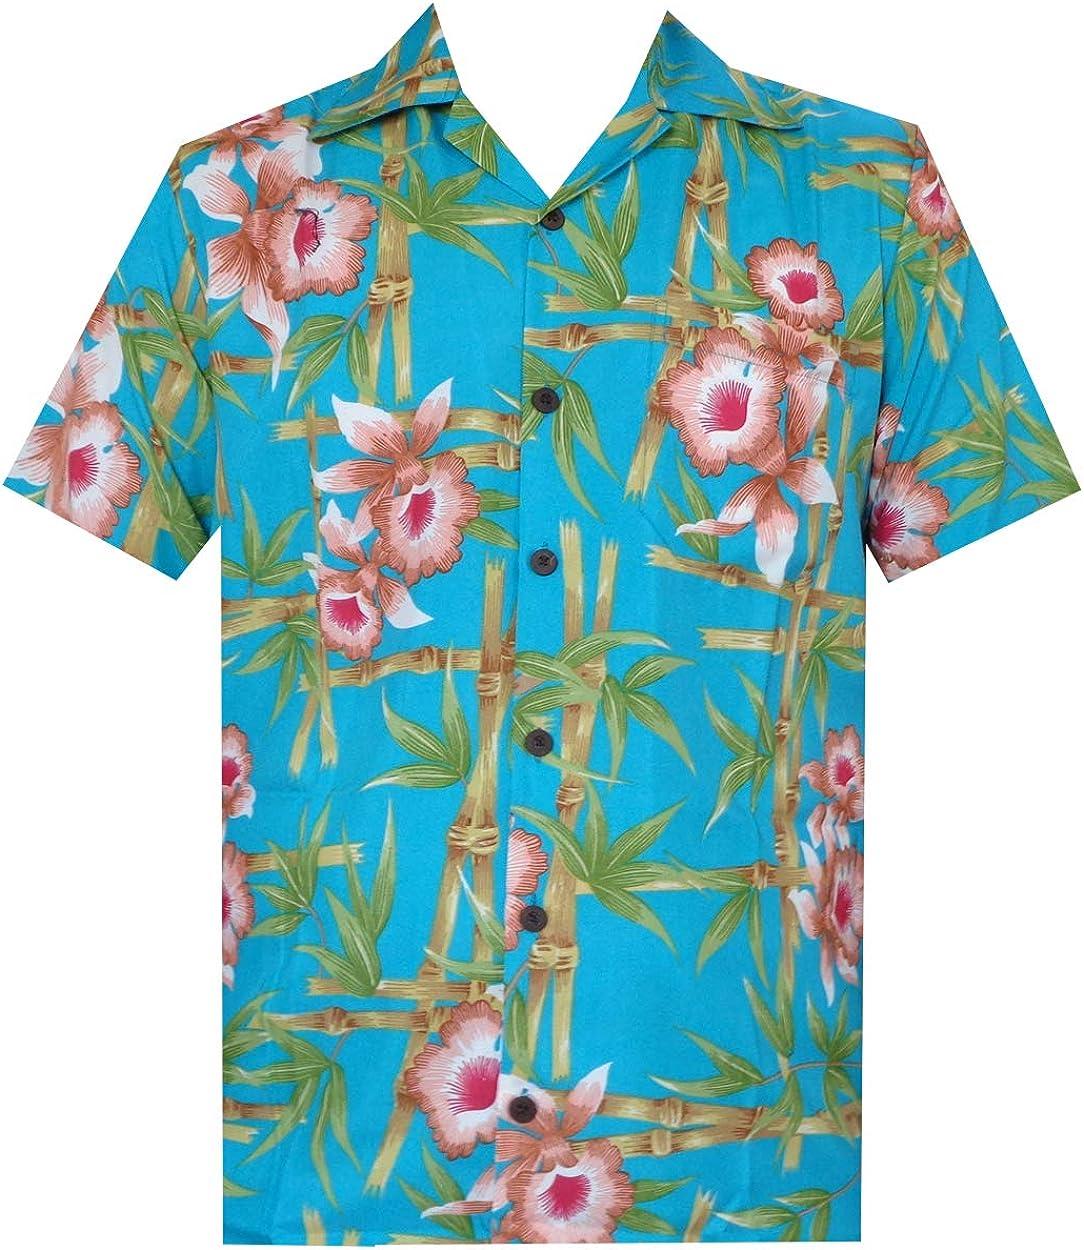 ALVISH - Camisas hawaianas de flamenco rosa para hombre, para playa, fiesta, casual, acampada, manga corta, crucero - - 4X-Large